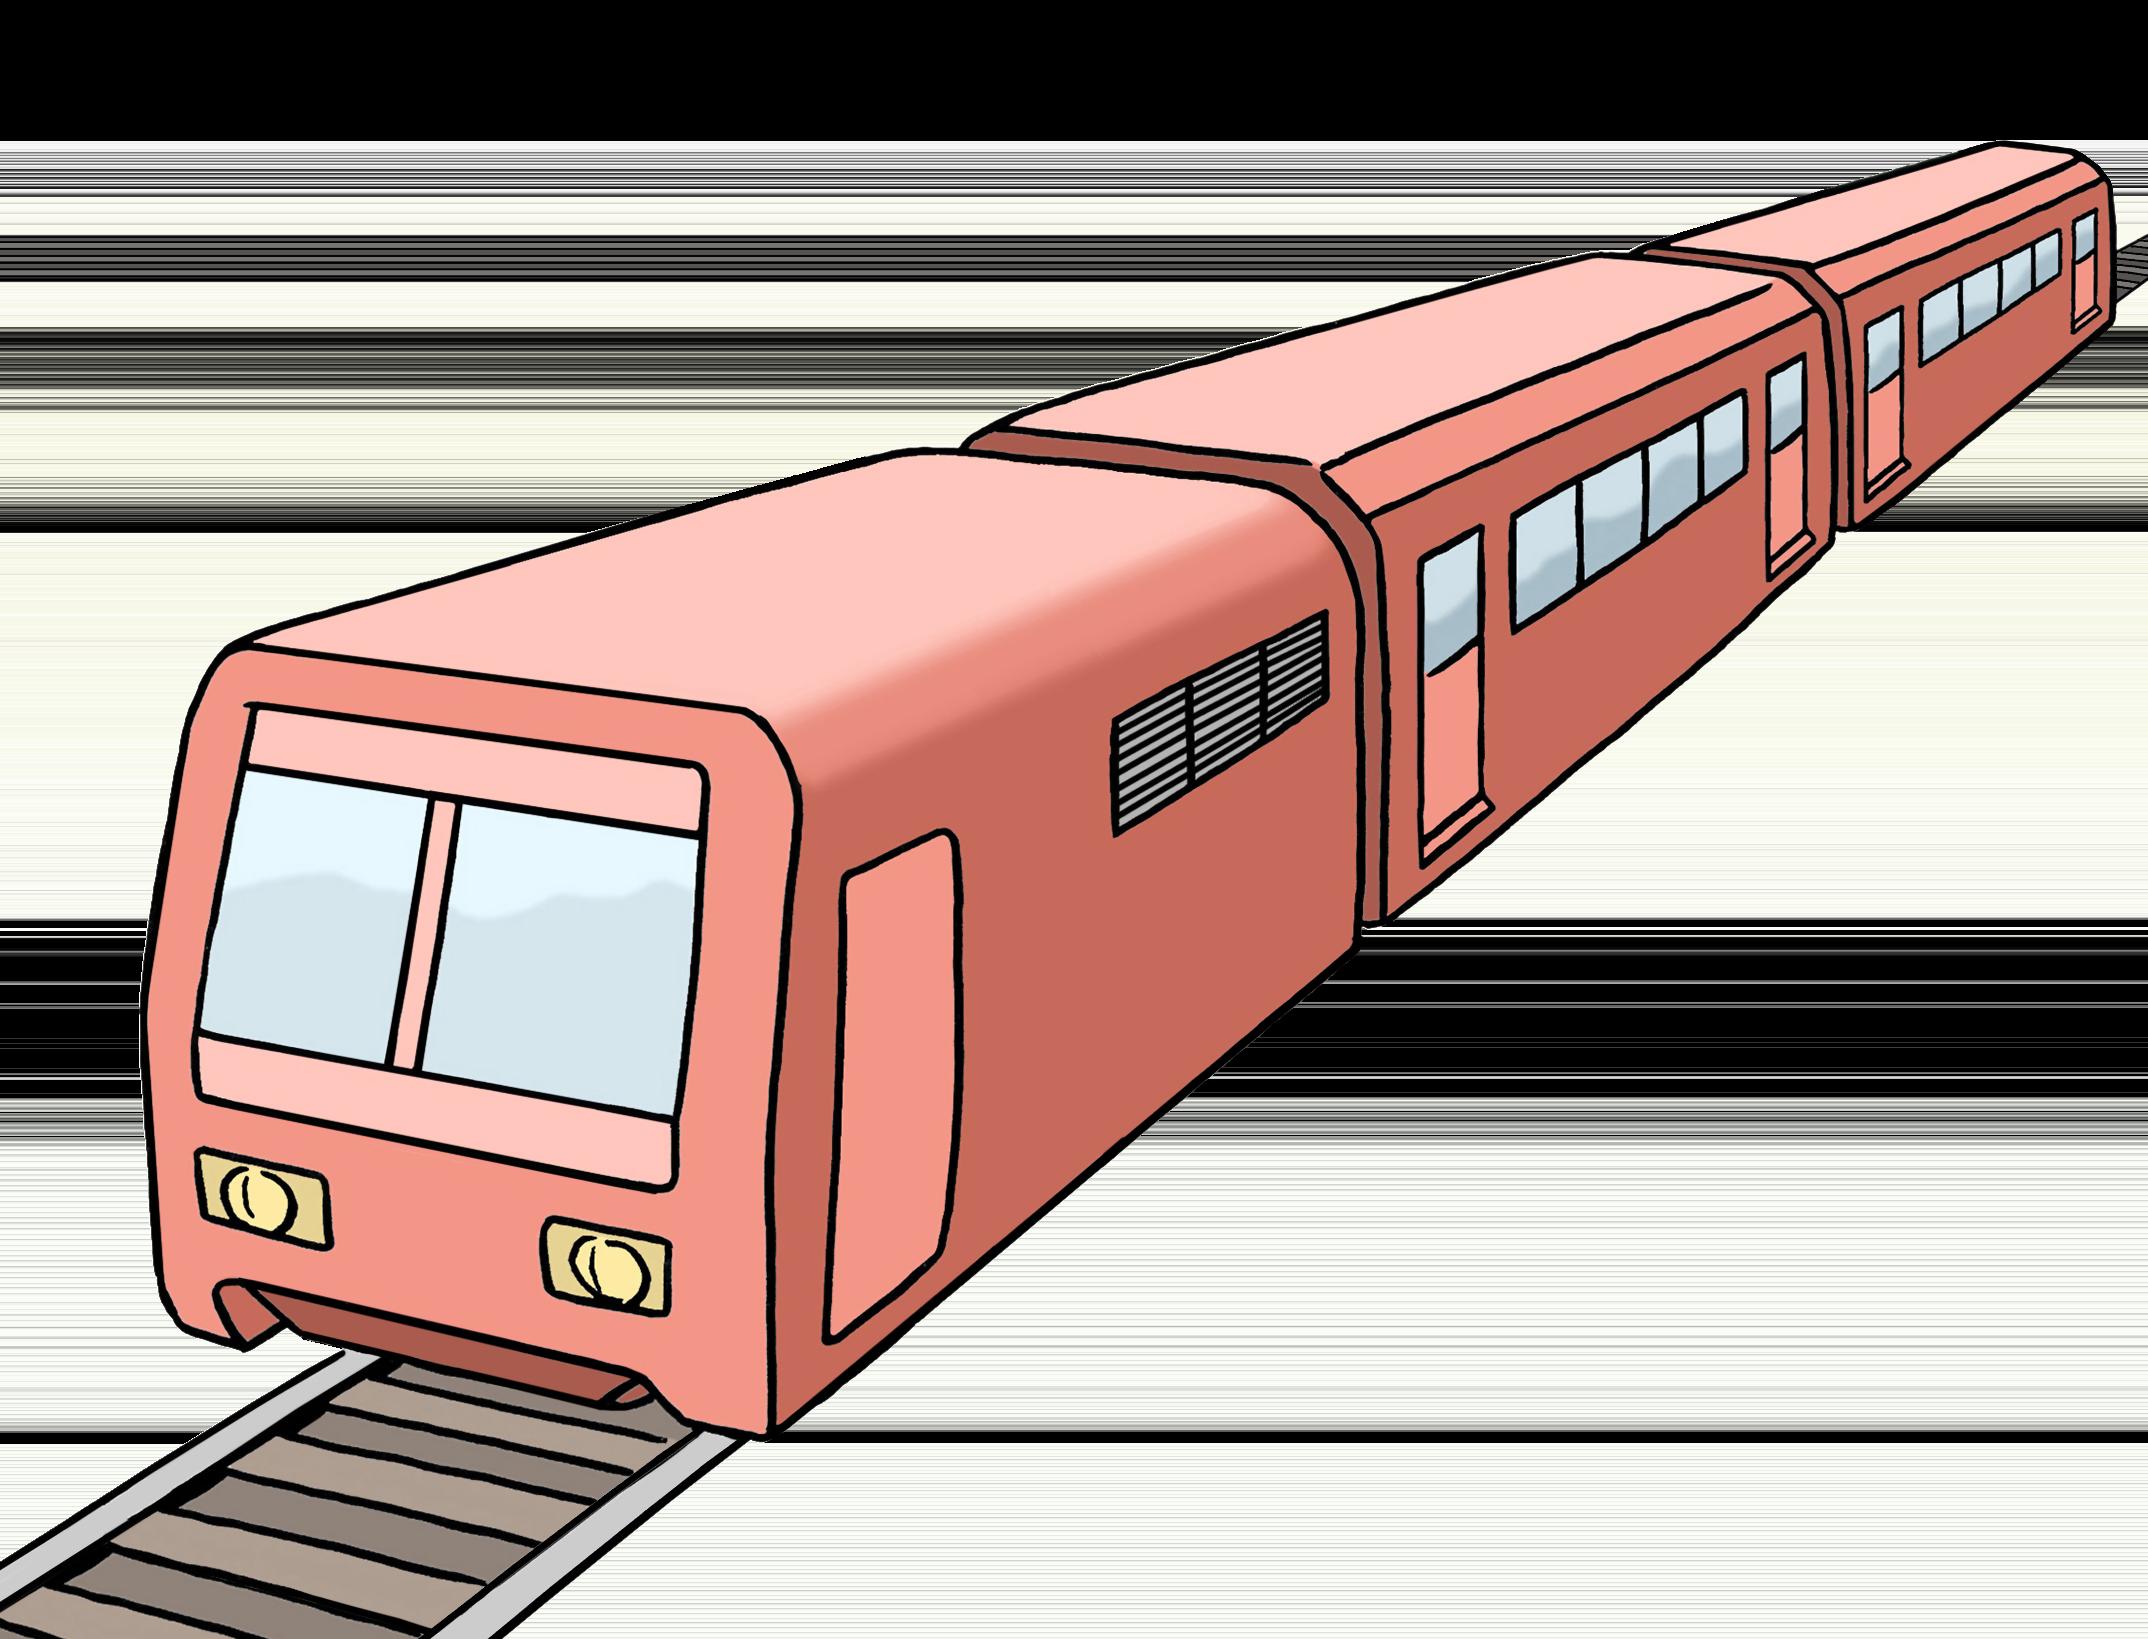 Zug auf einem Gleis